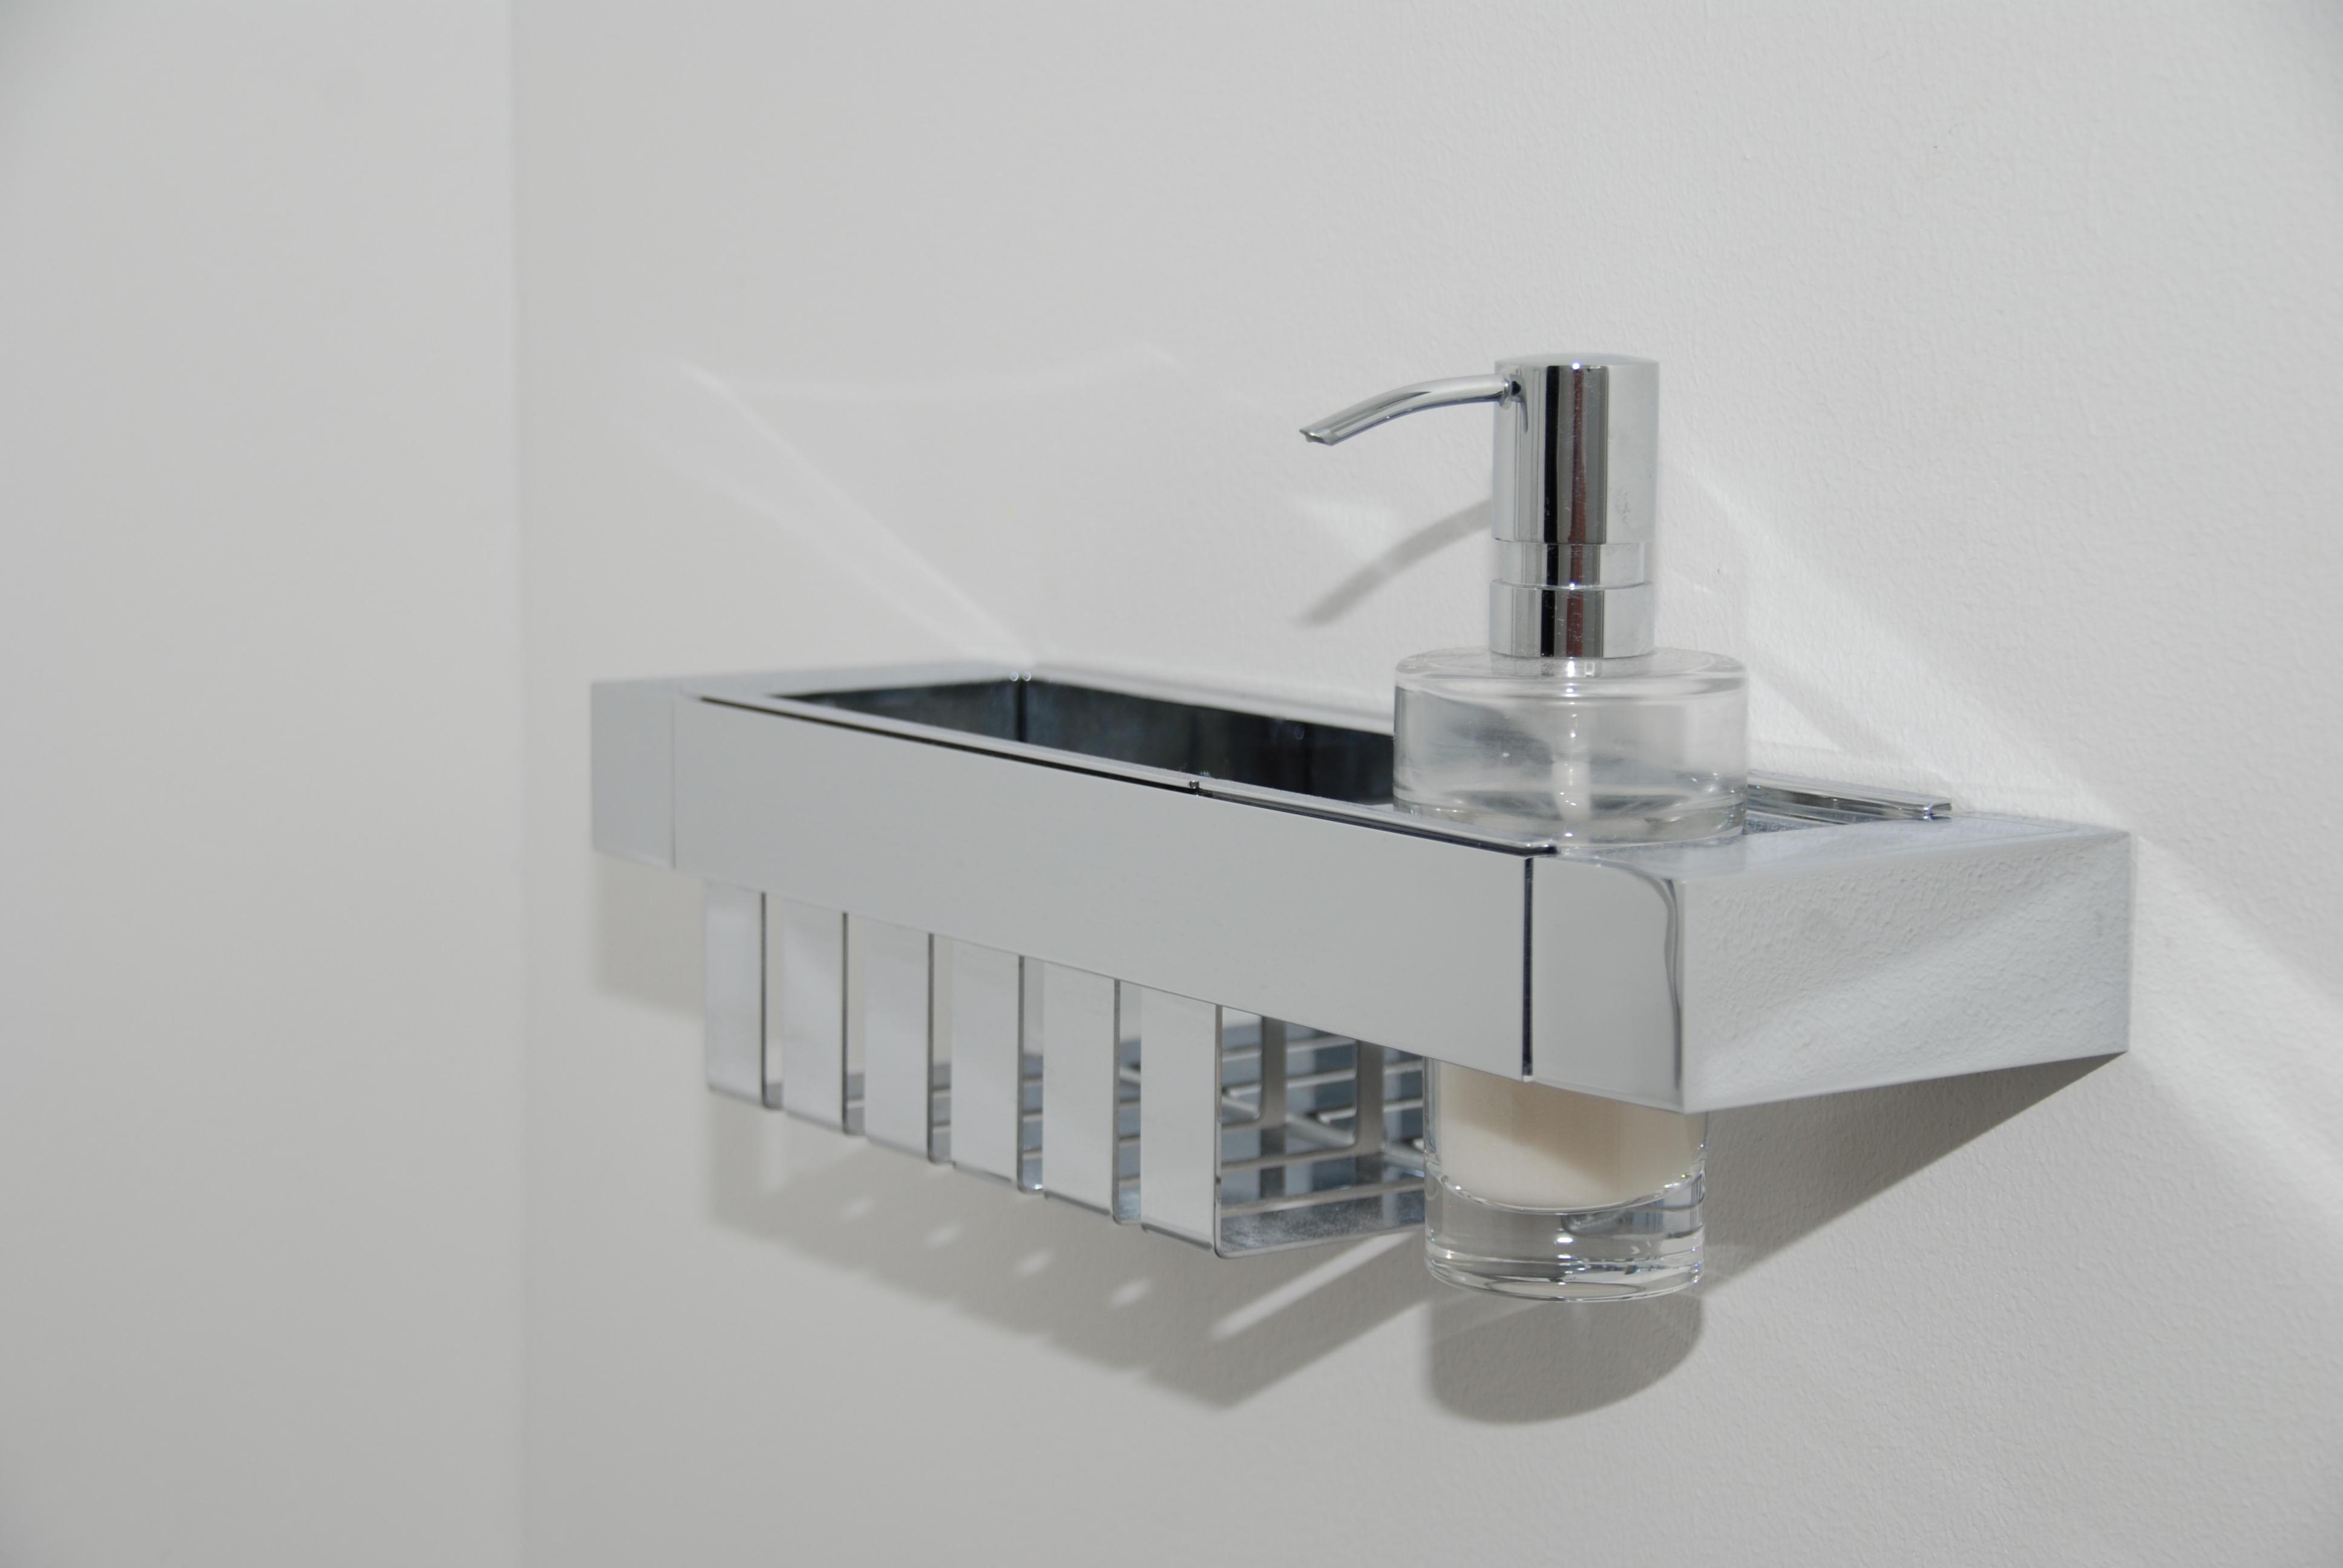 Railing mit Korb und Seifenspender aus hochwertigem Messing und Kristallglas 436,00€ / brutto, oder inkl. Montage in Verbindung einer AnuGen Armatur 506,00€ / brutto